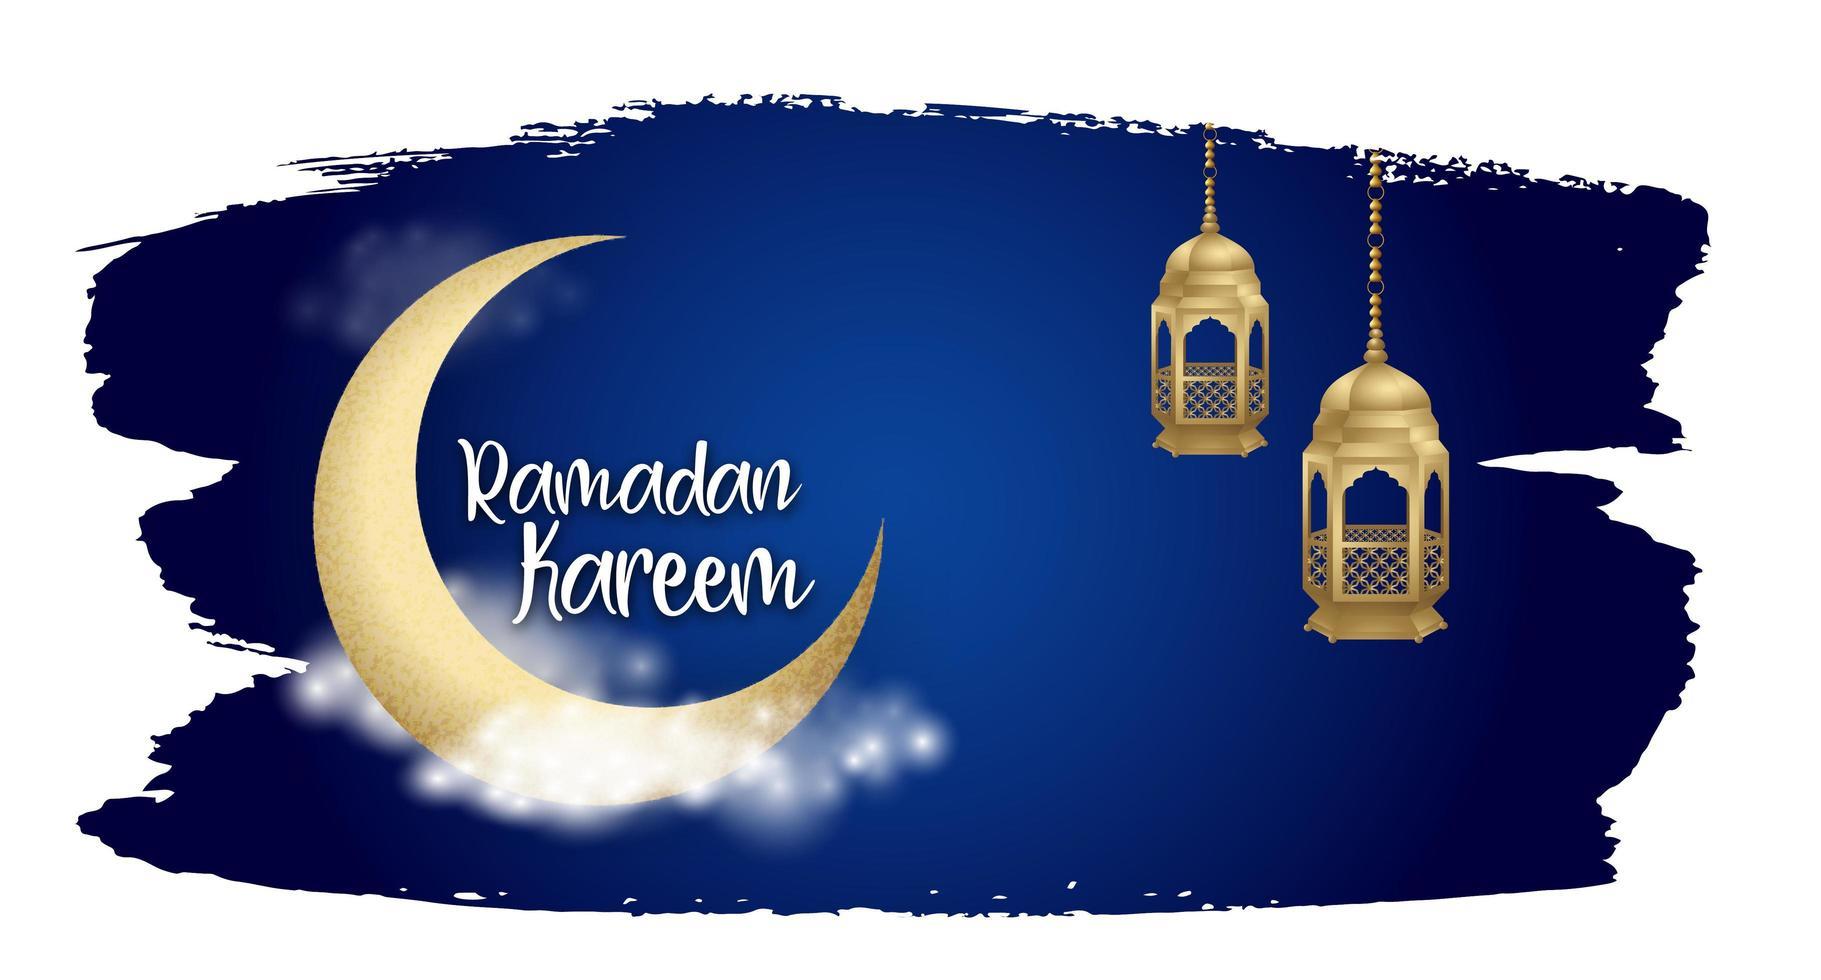 ramadan kareem nuit ciel coup de pinceau fond vecteur